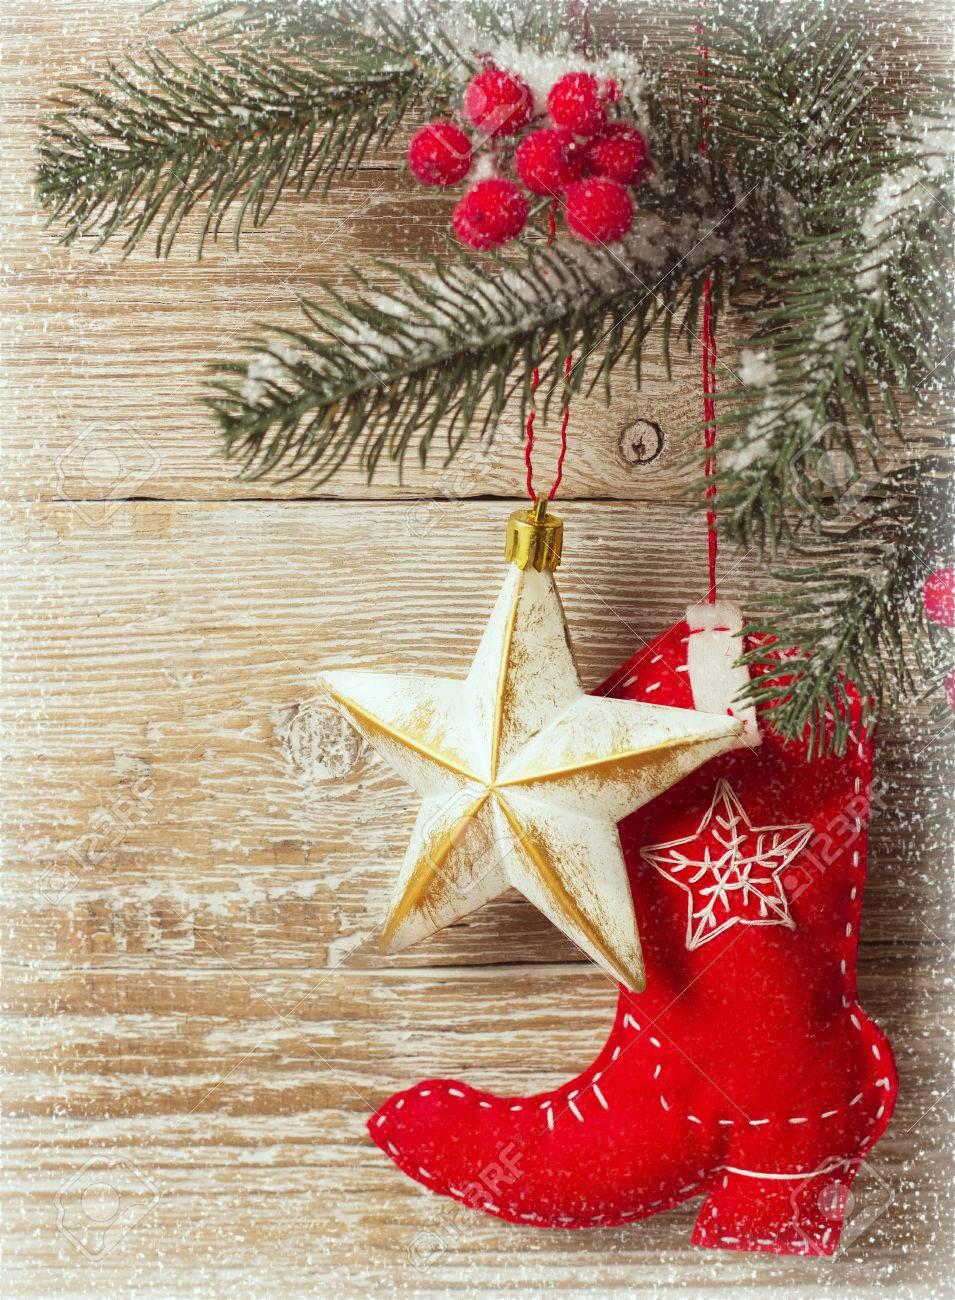 Weihnachten Hintergrund Mit Cowboy-Spielzeug Schuh Und Holz Textur ...